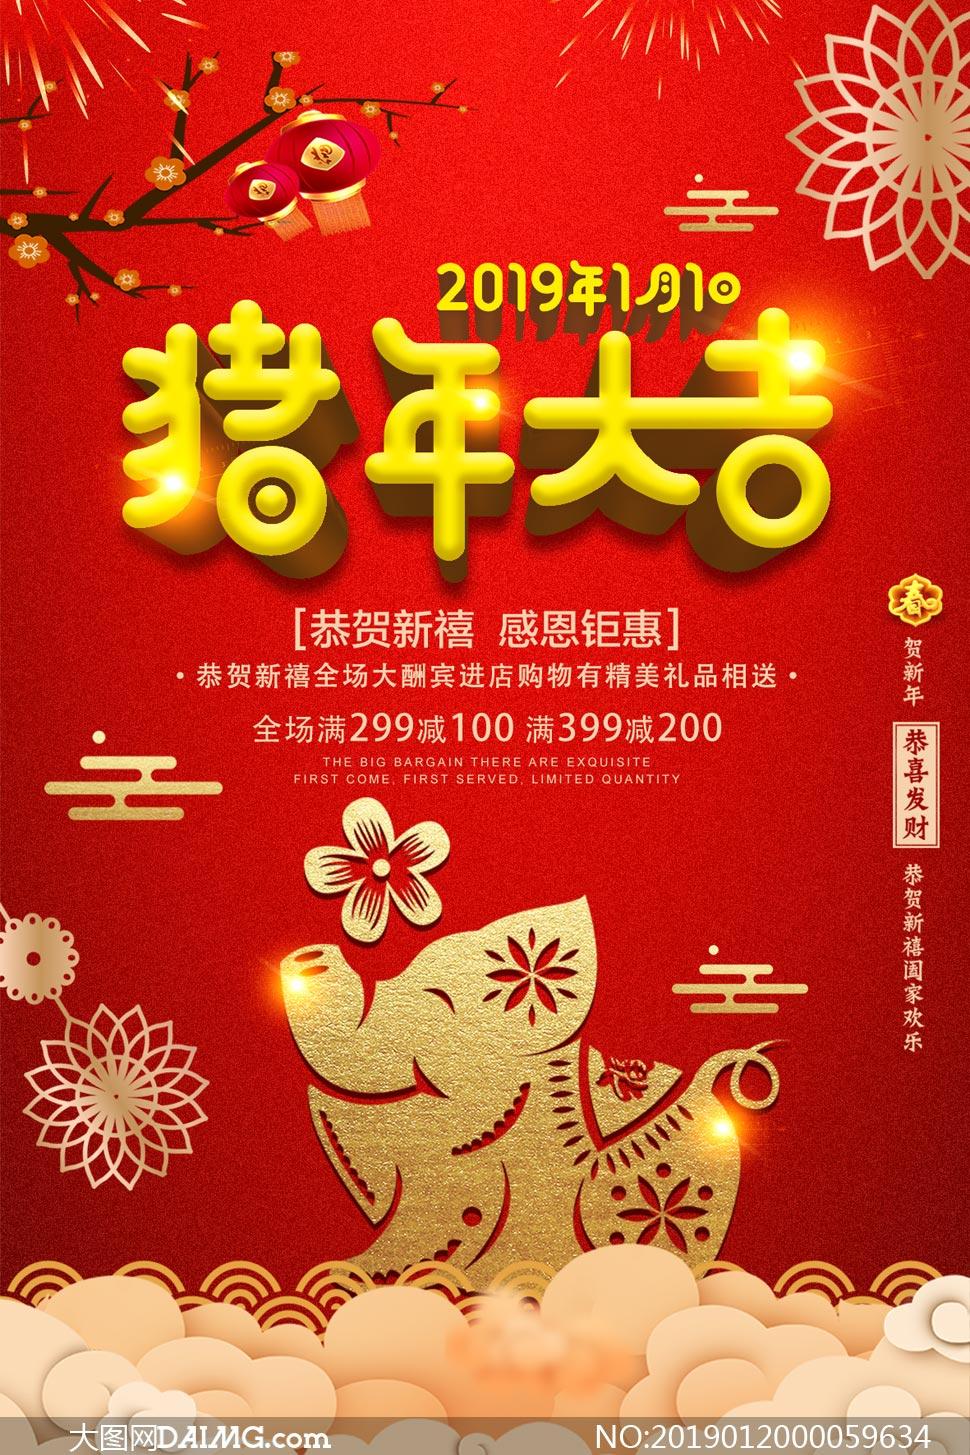 2019猪年大吉宣传单设计psd素材图片